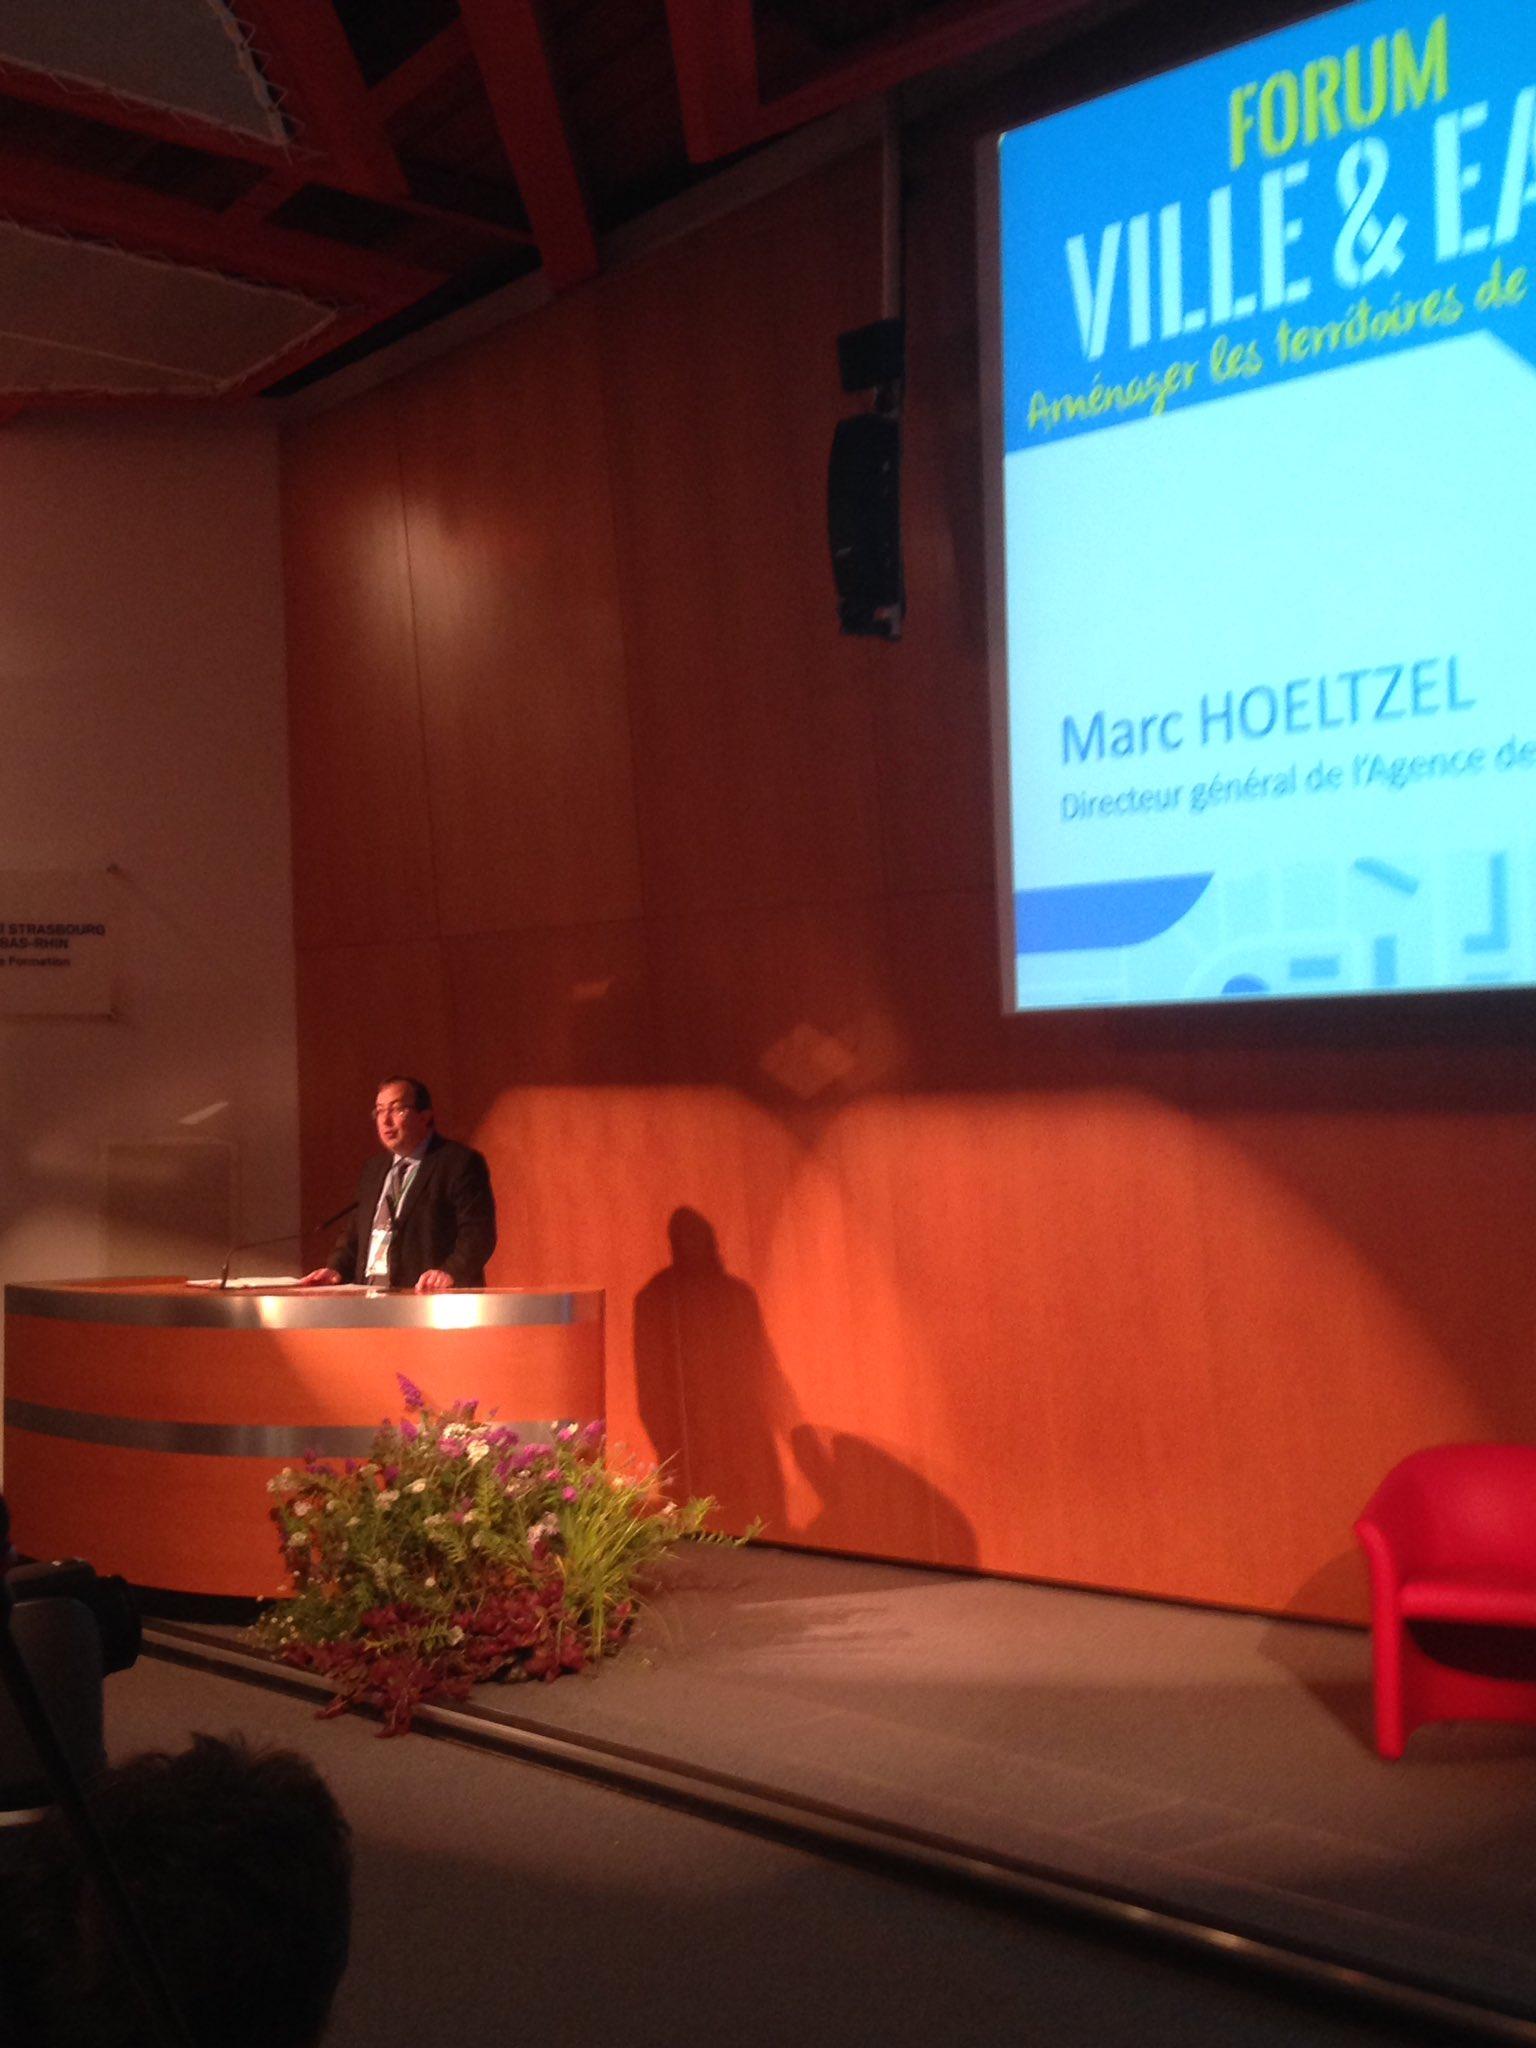 #villeeteau une thématique importante pour l'agence a déclaré Marc Hoeltzel DG de l'agence à l'ouverture du Forum https://t.co/Csuw9pKdgg